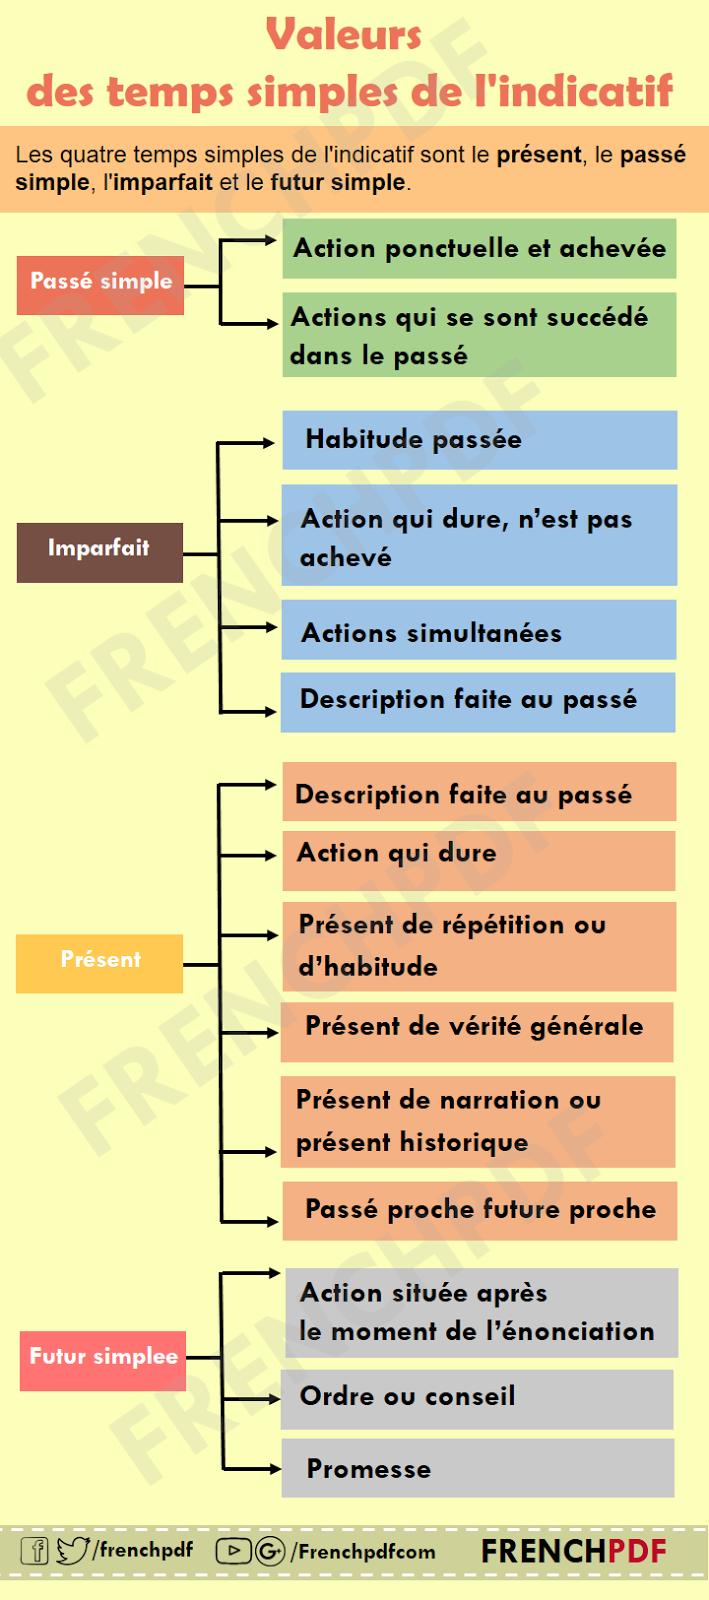 Infographie : Les valeurs des temps simples de l'indicatif ...